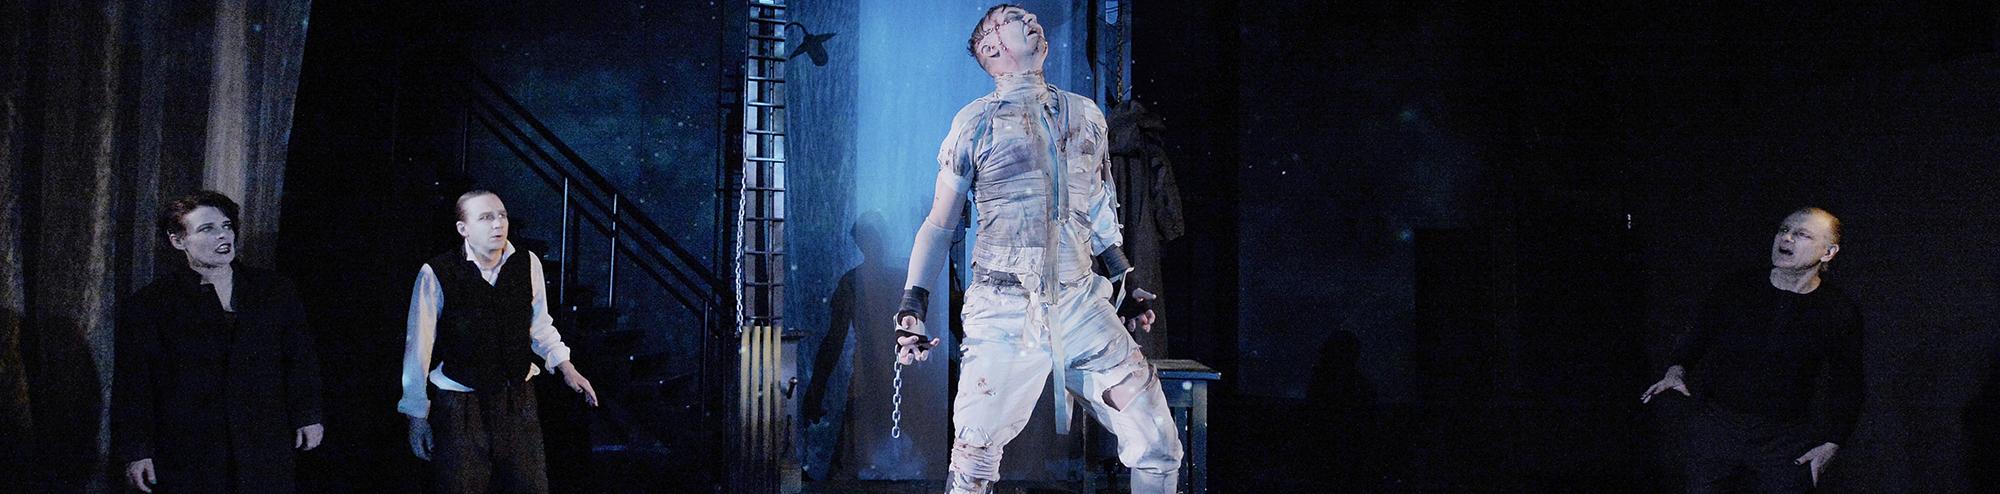 Frankenstein på turné!